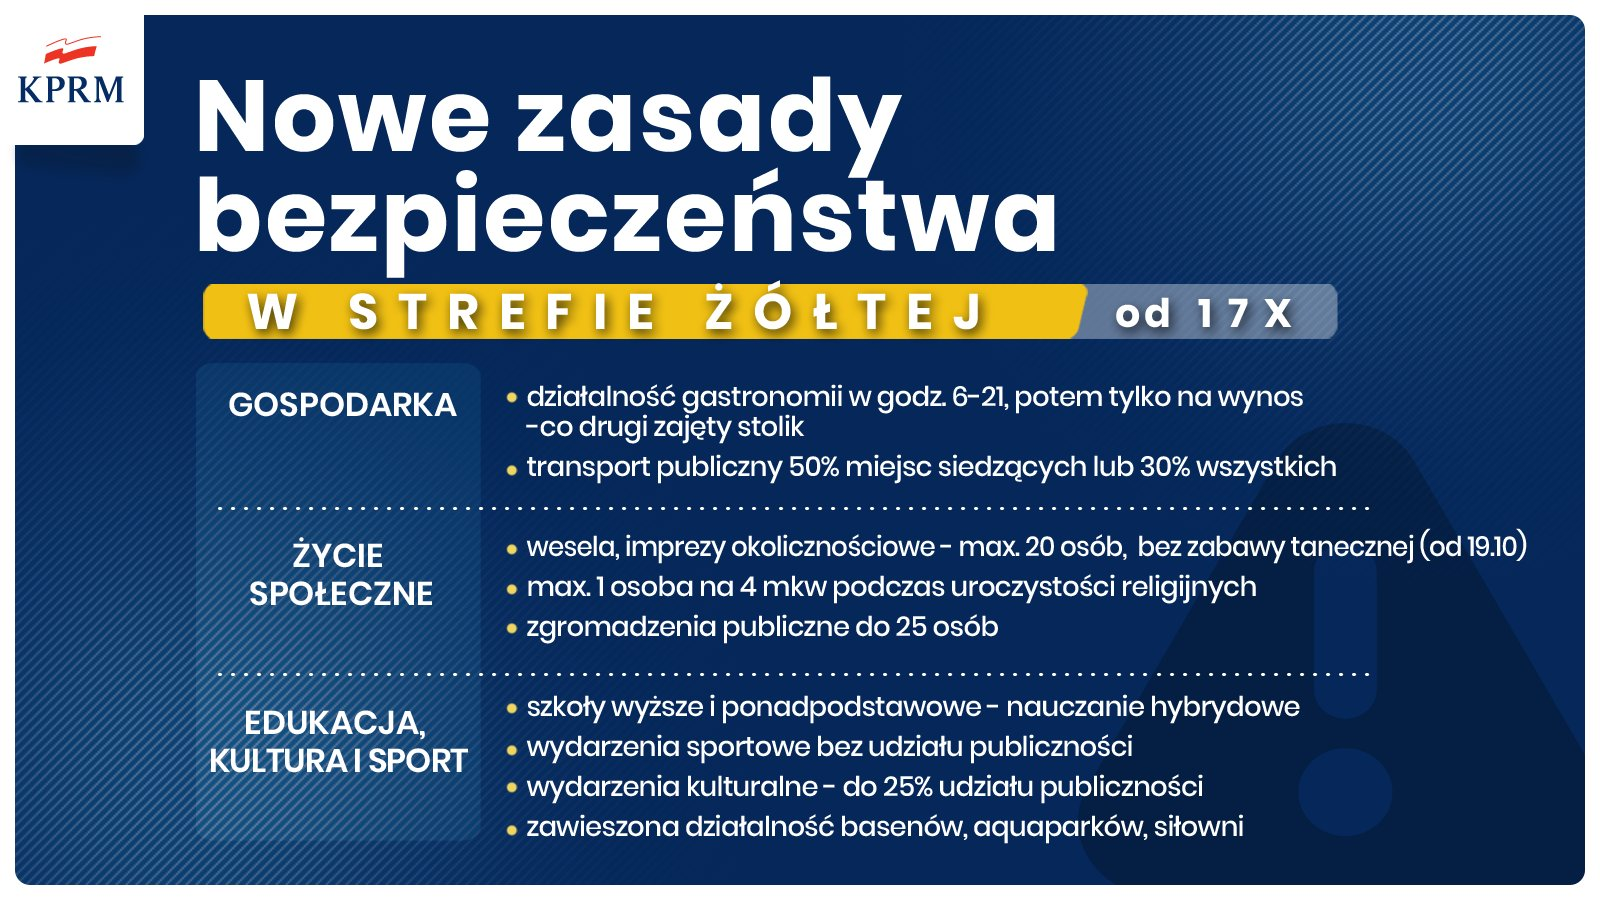 Nowe zasady bezpieczeństwa w strefie zółtejod 17.10.2020 r.